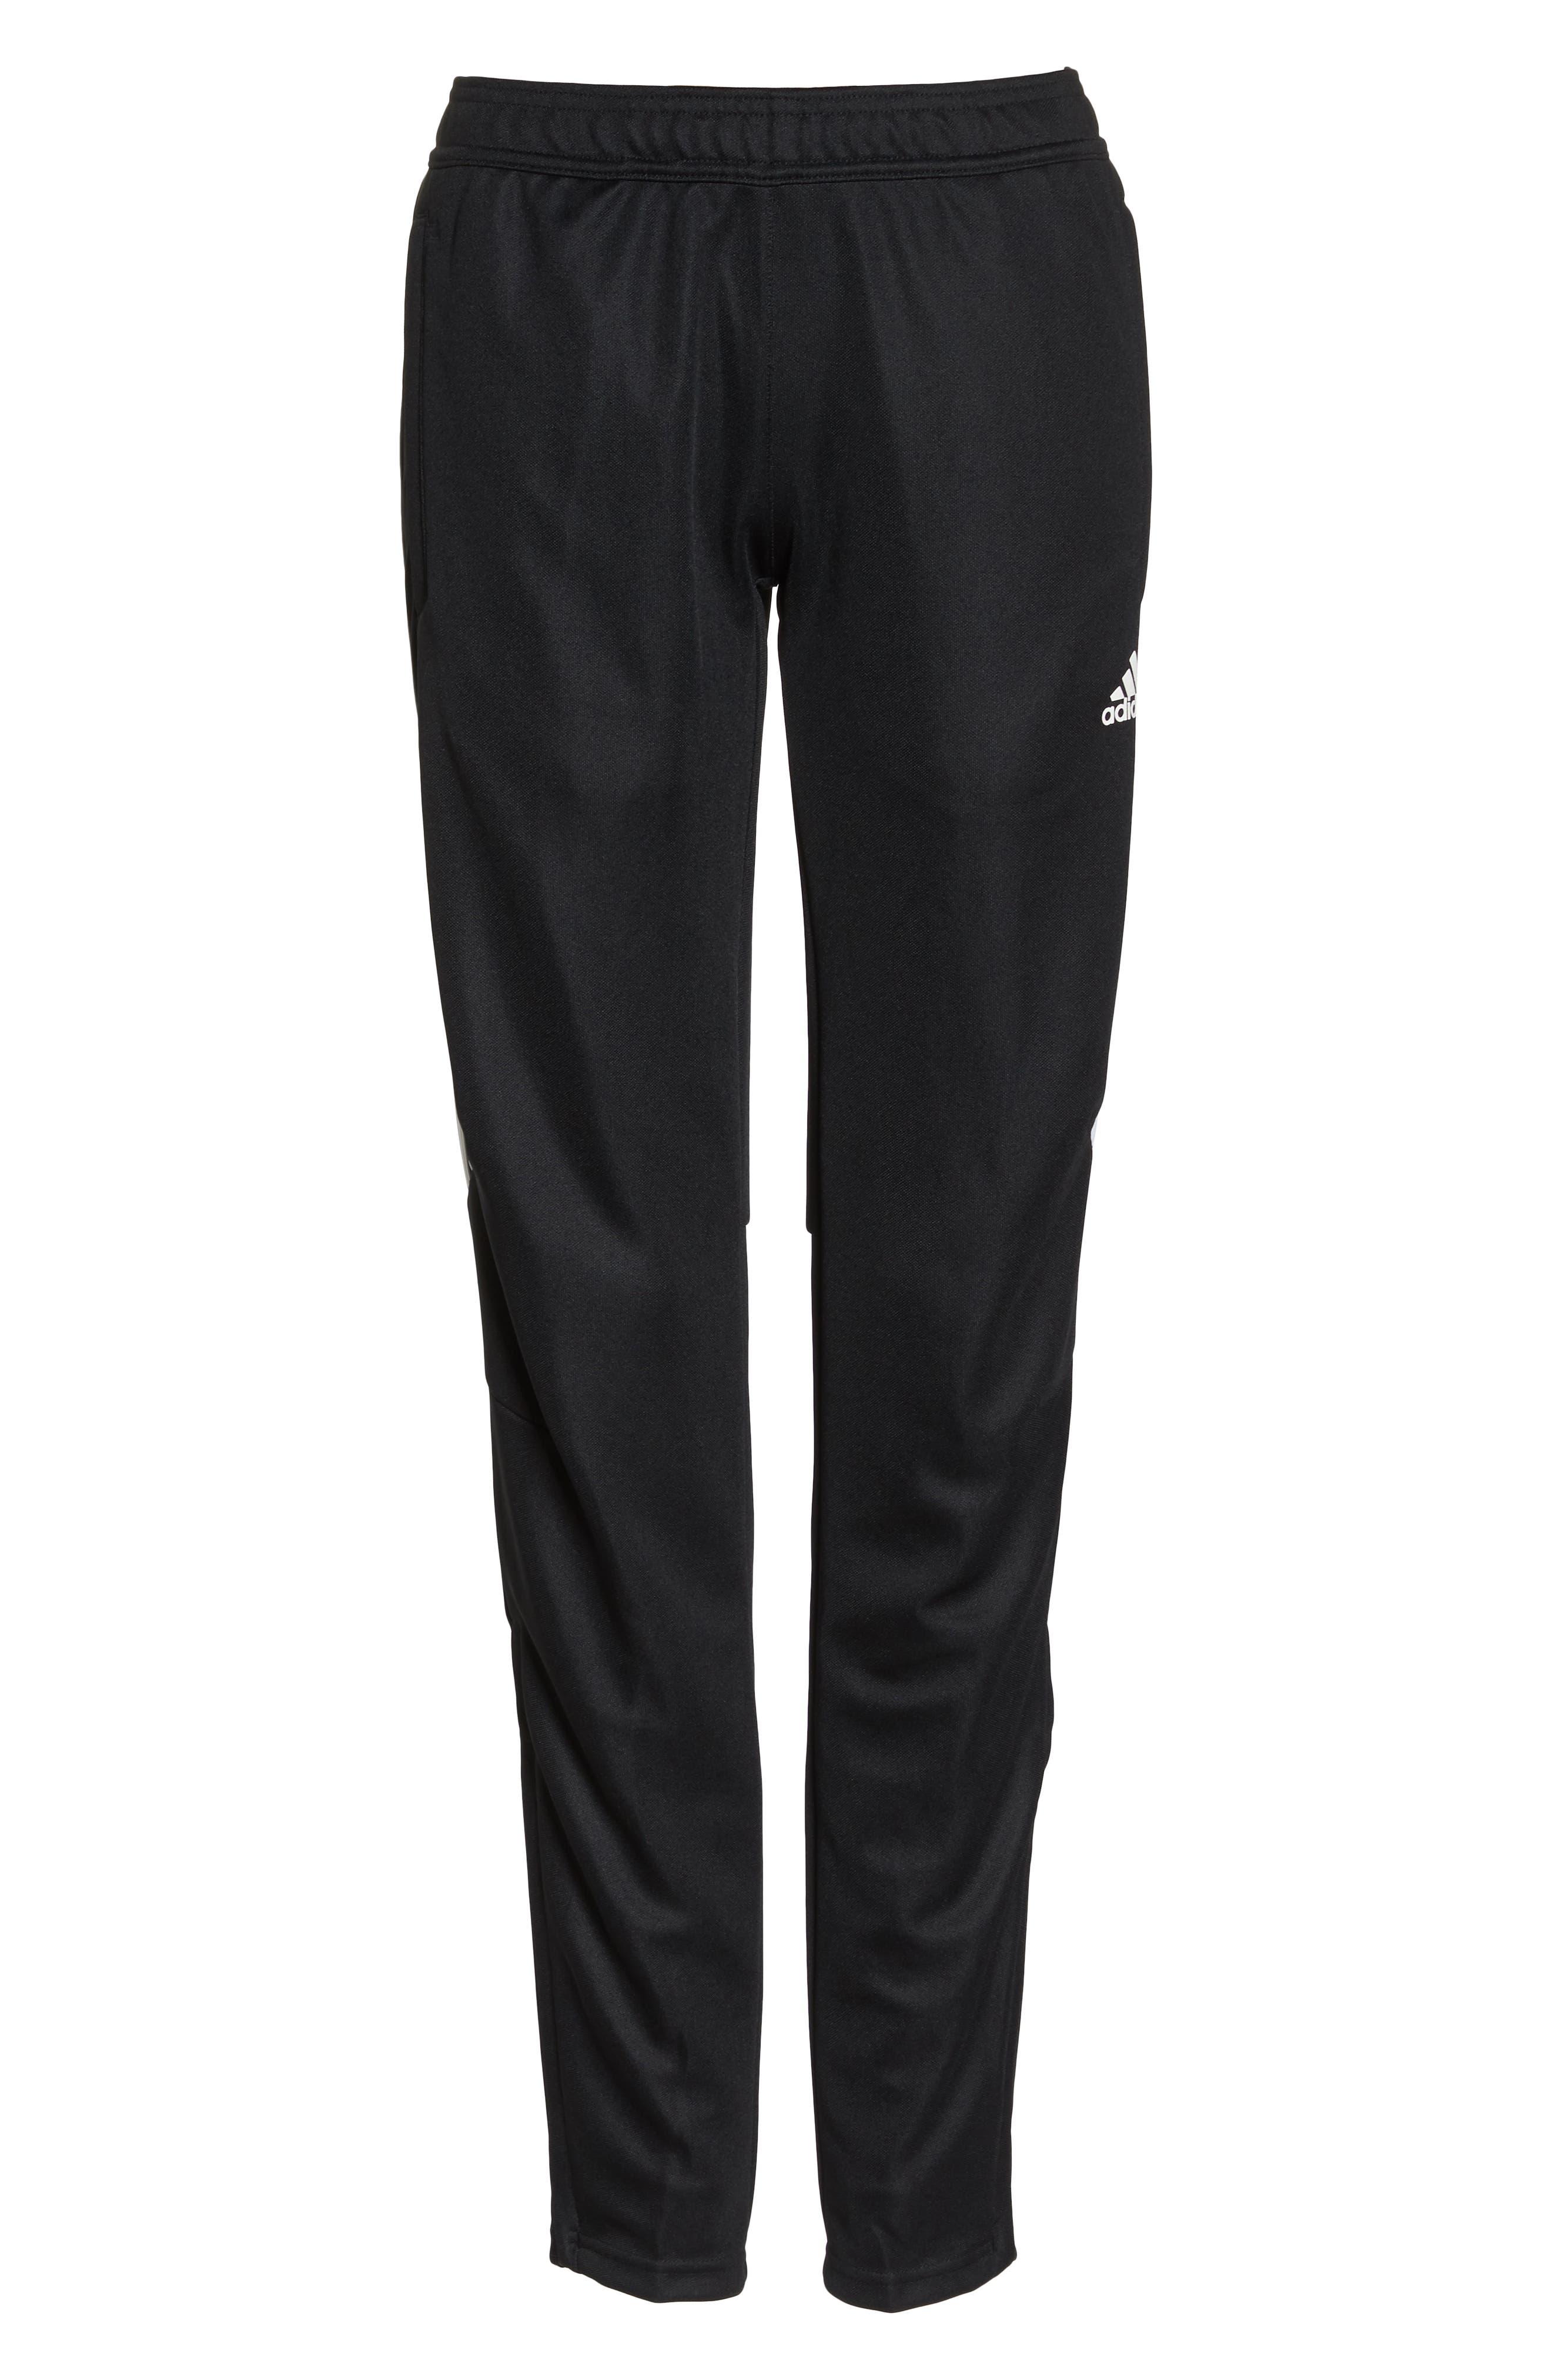 Tiro 17 Training Pants,                             Alternate thumbnail 7, color,                             Black/ White/ White